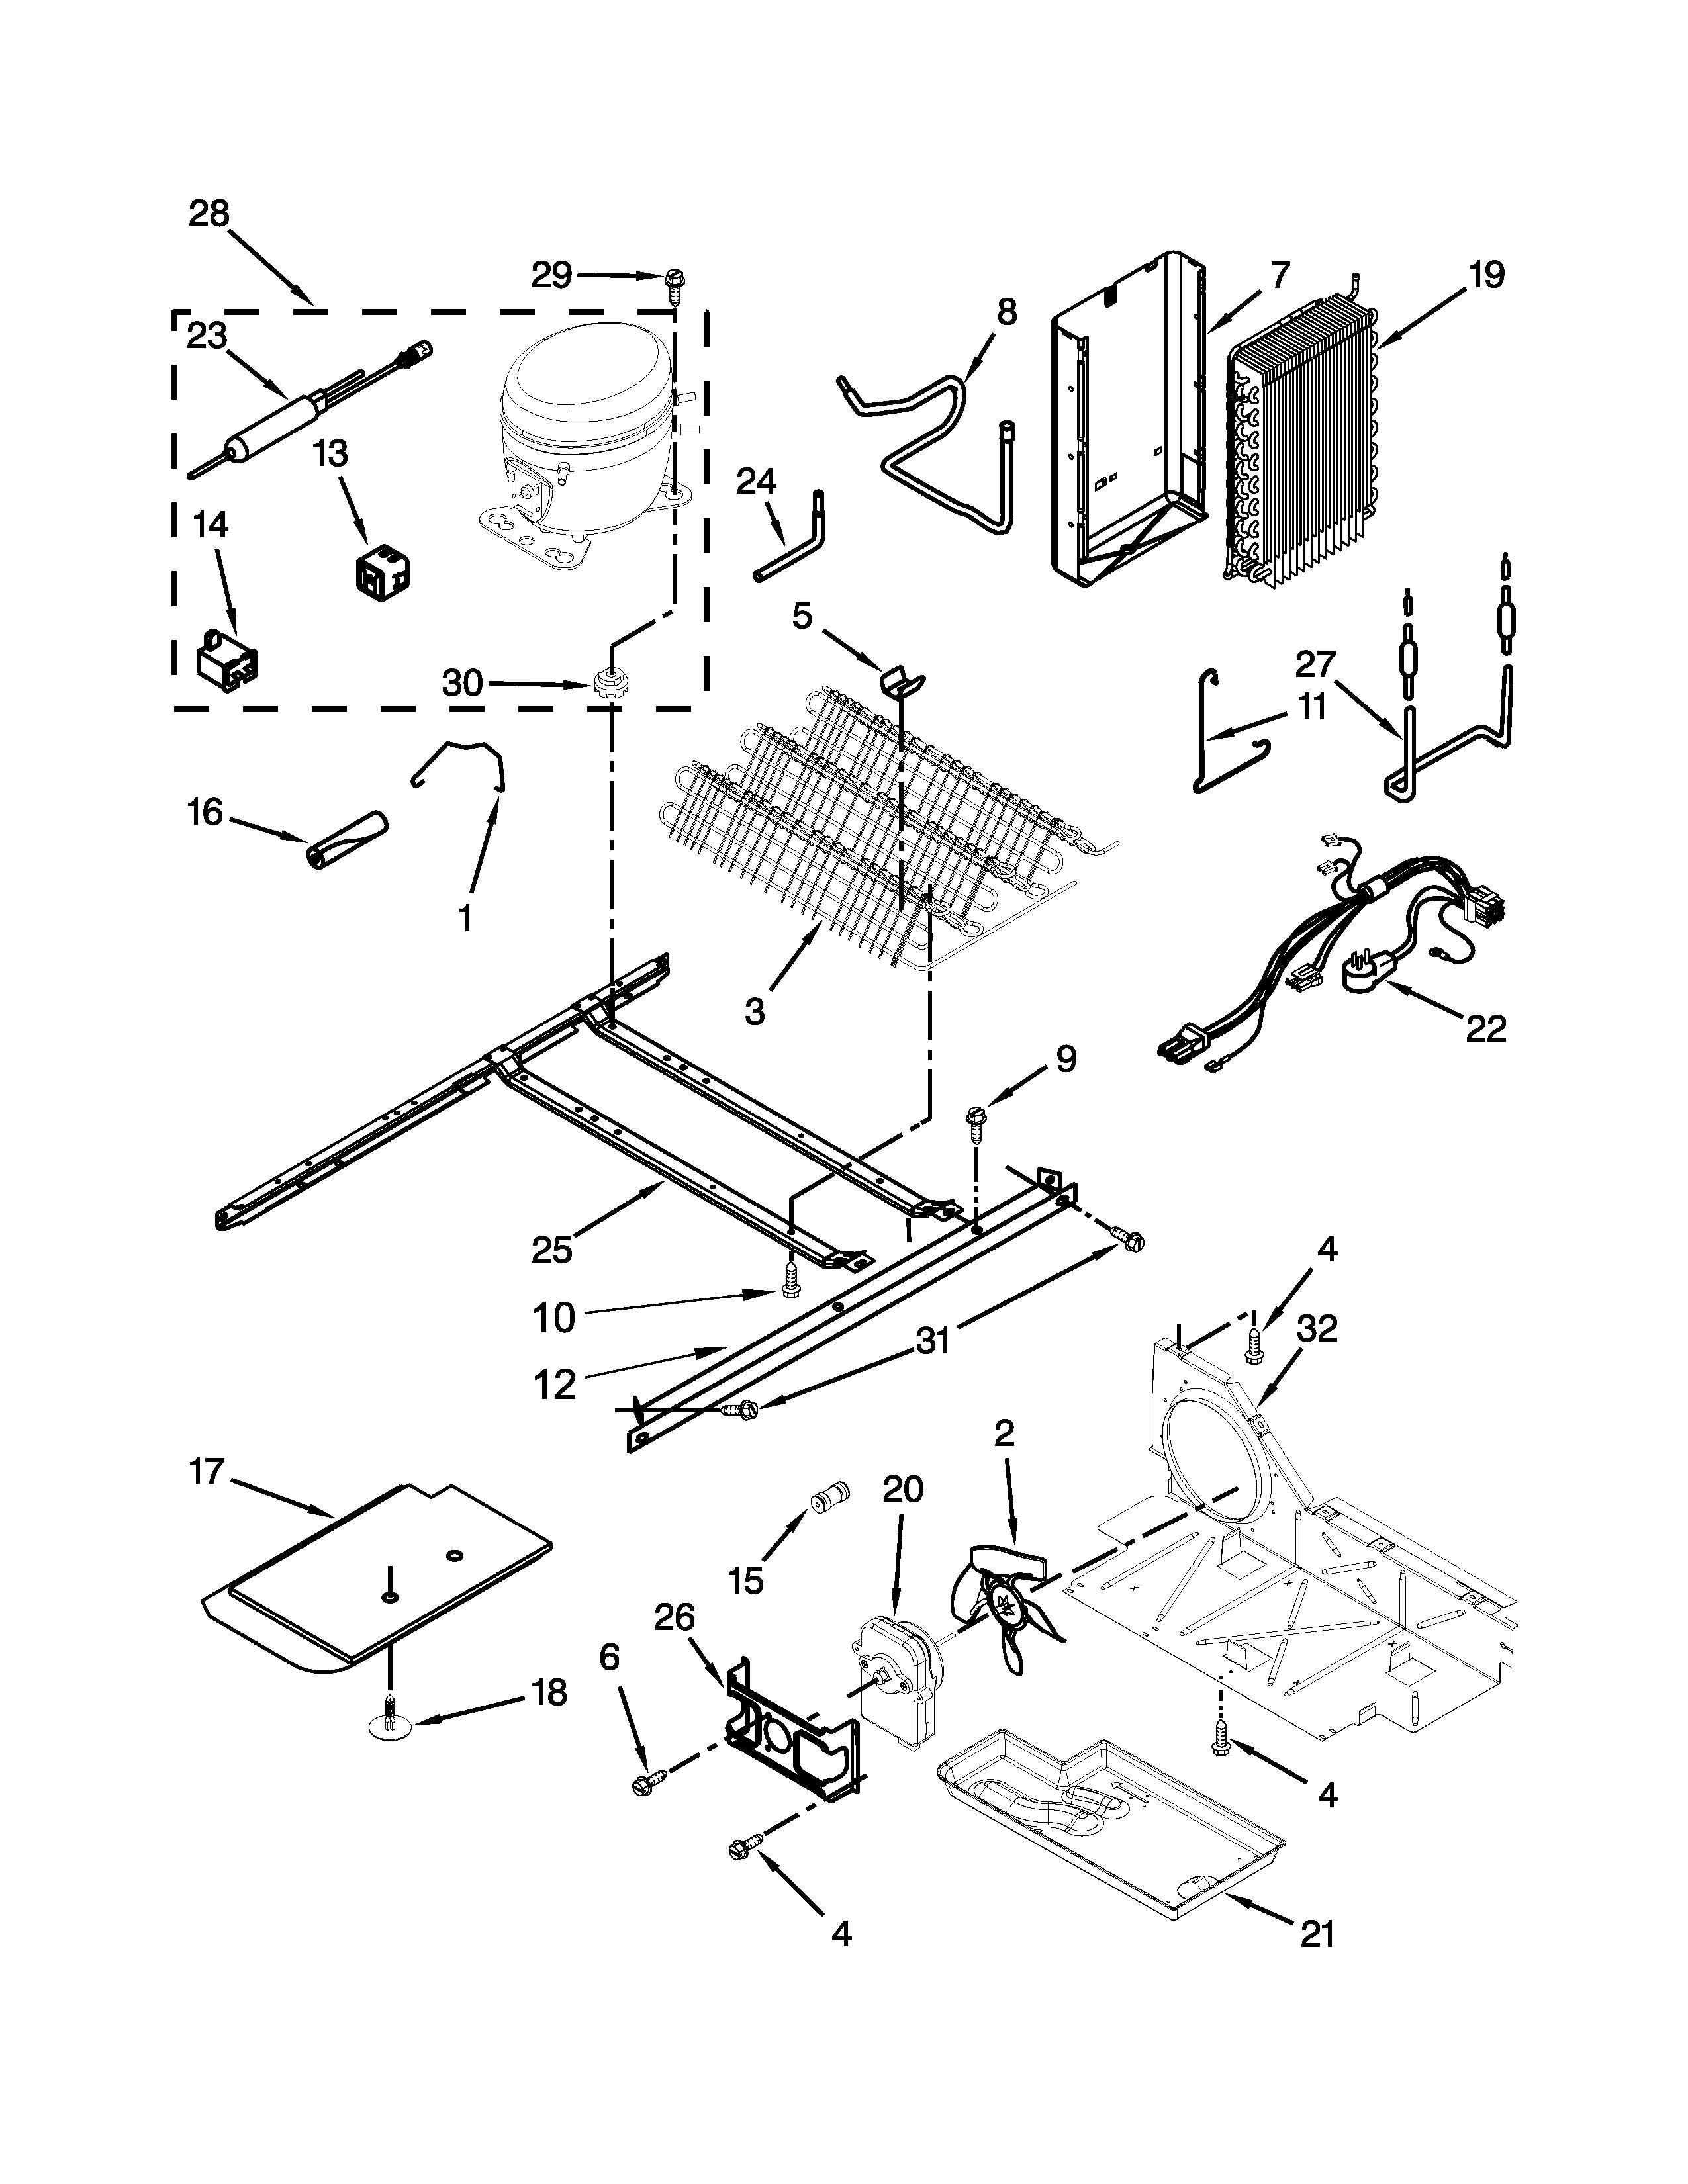 UNIT PARTS Diagram & Parts List for Model 10651792411